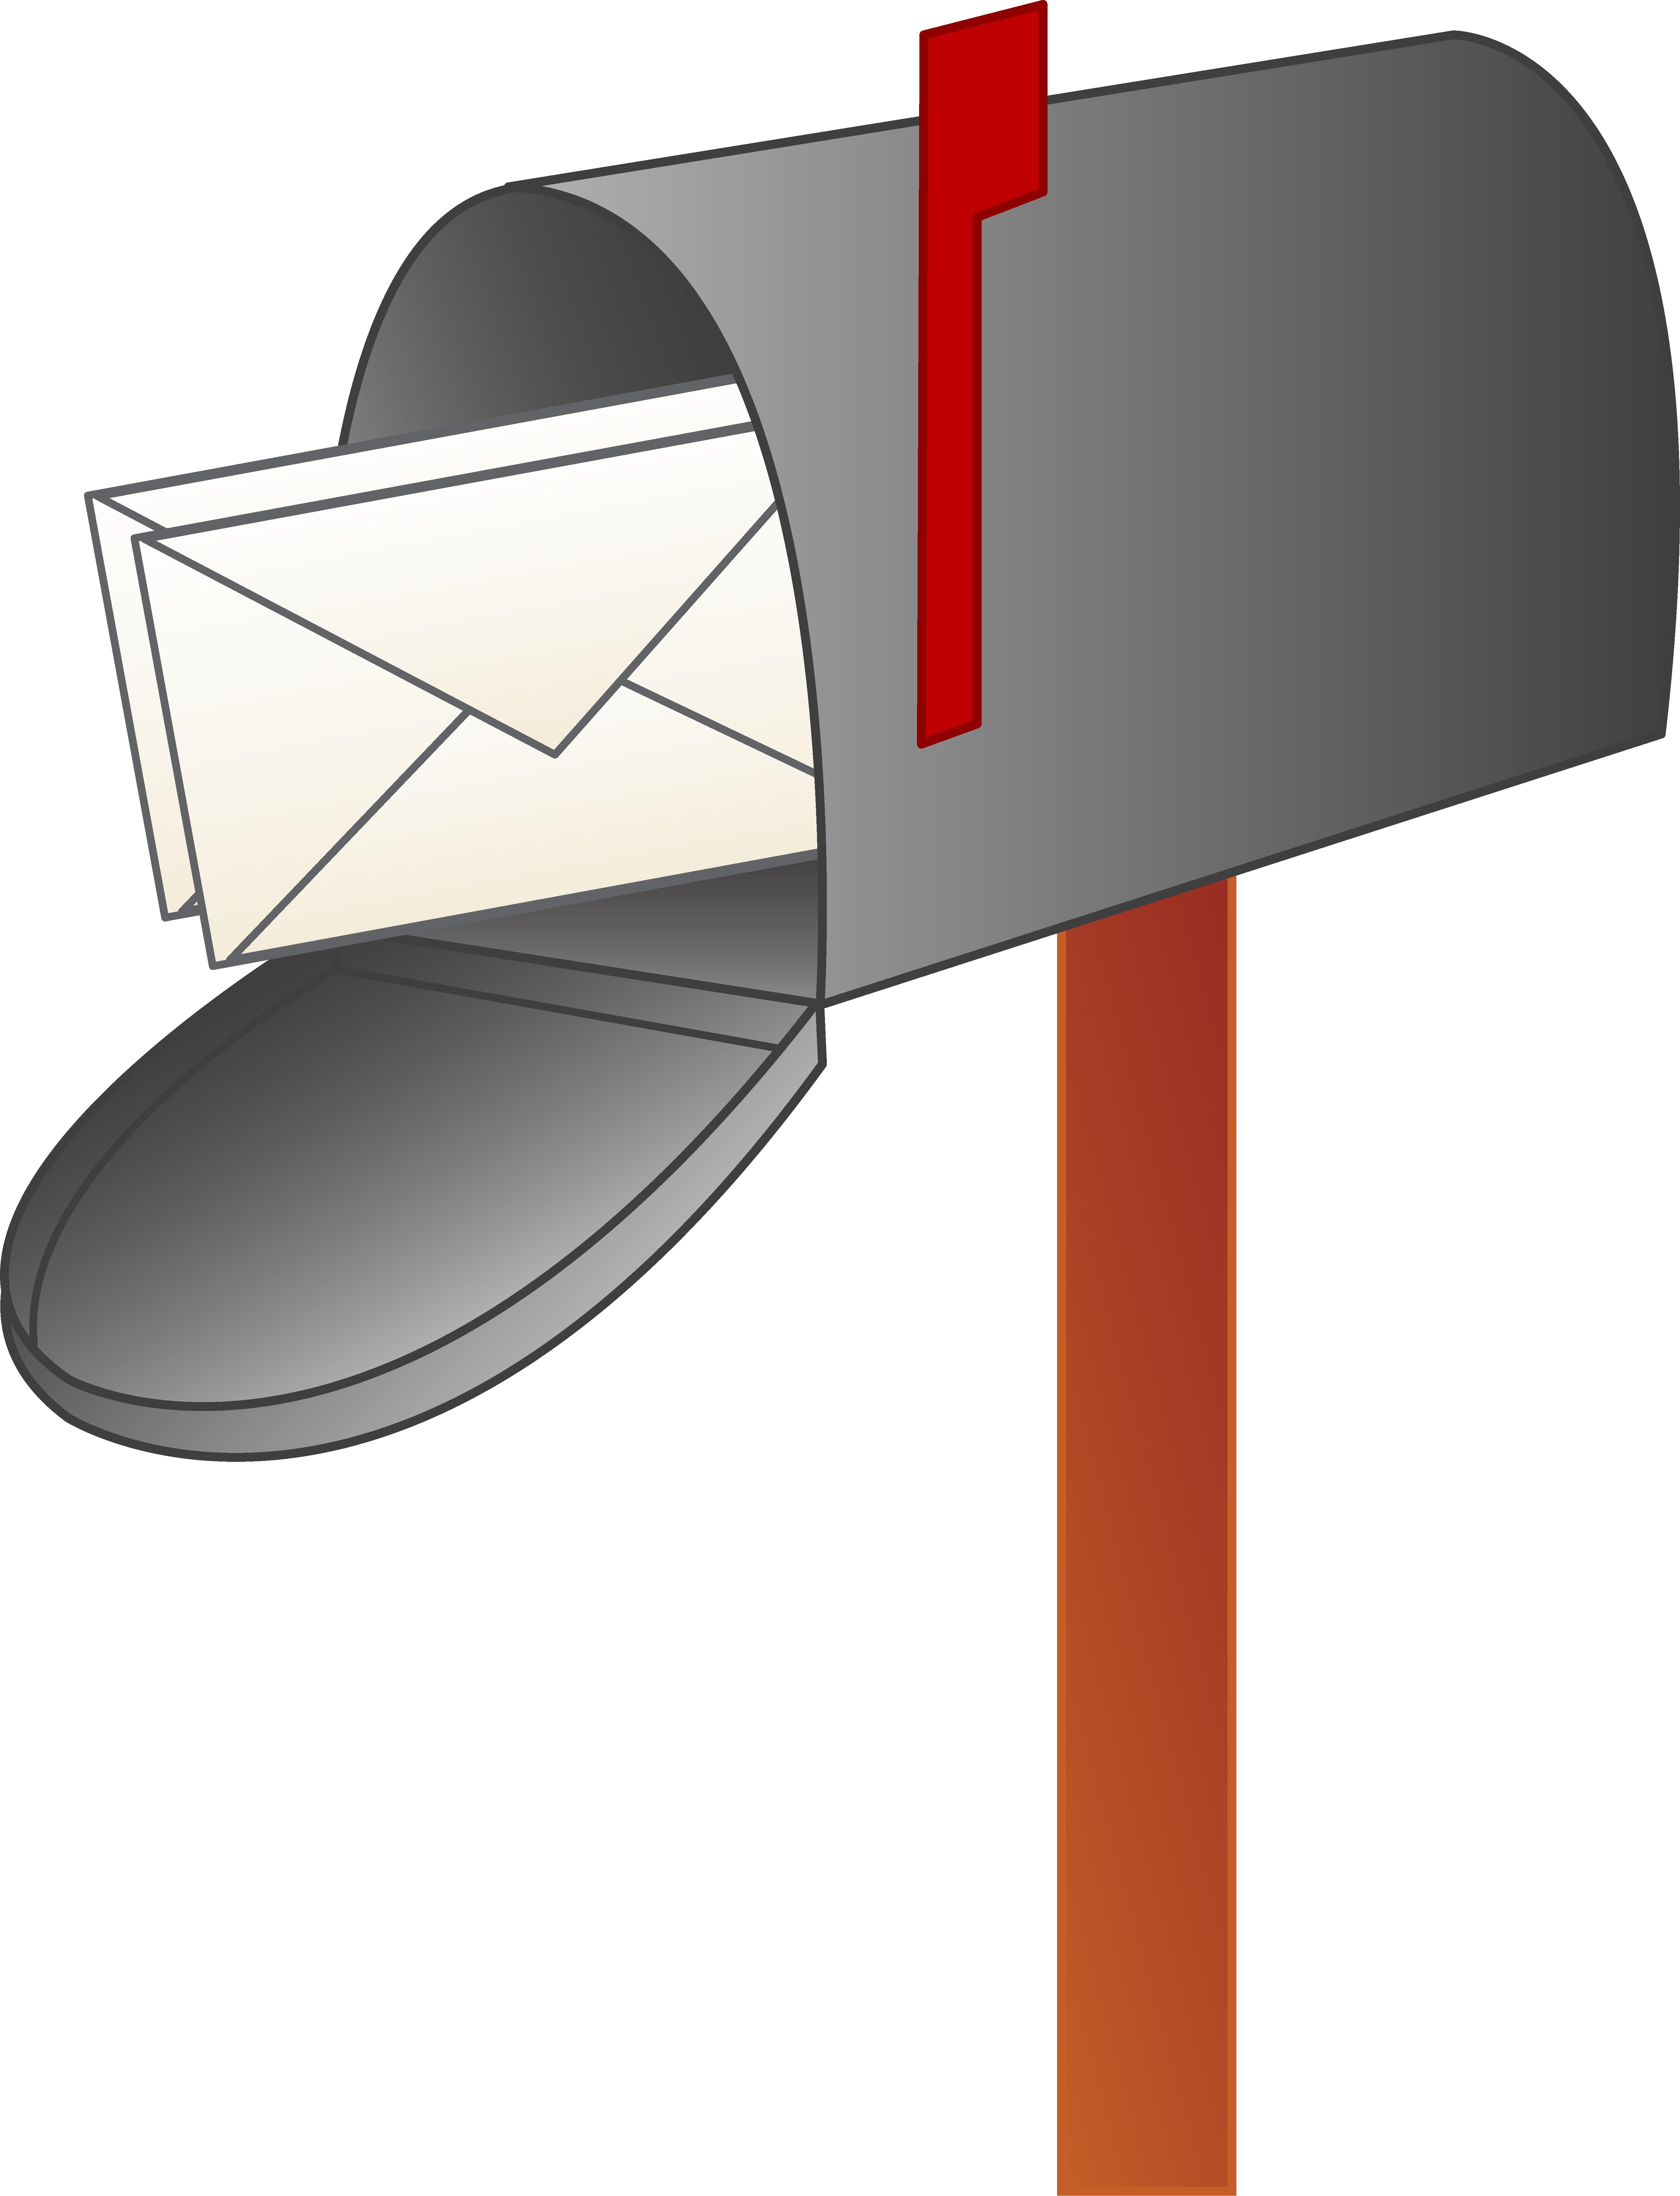 5480x7164 Mail Clip Art Tumundografico 5